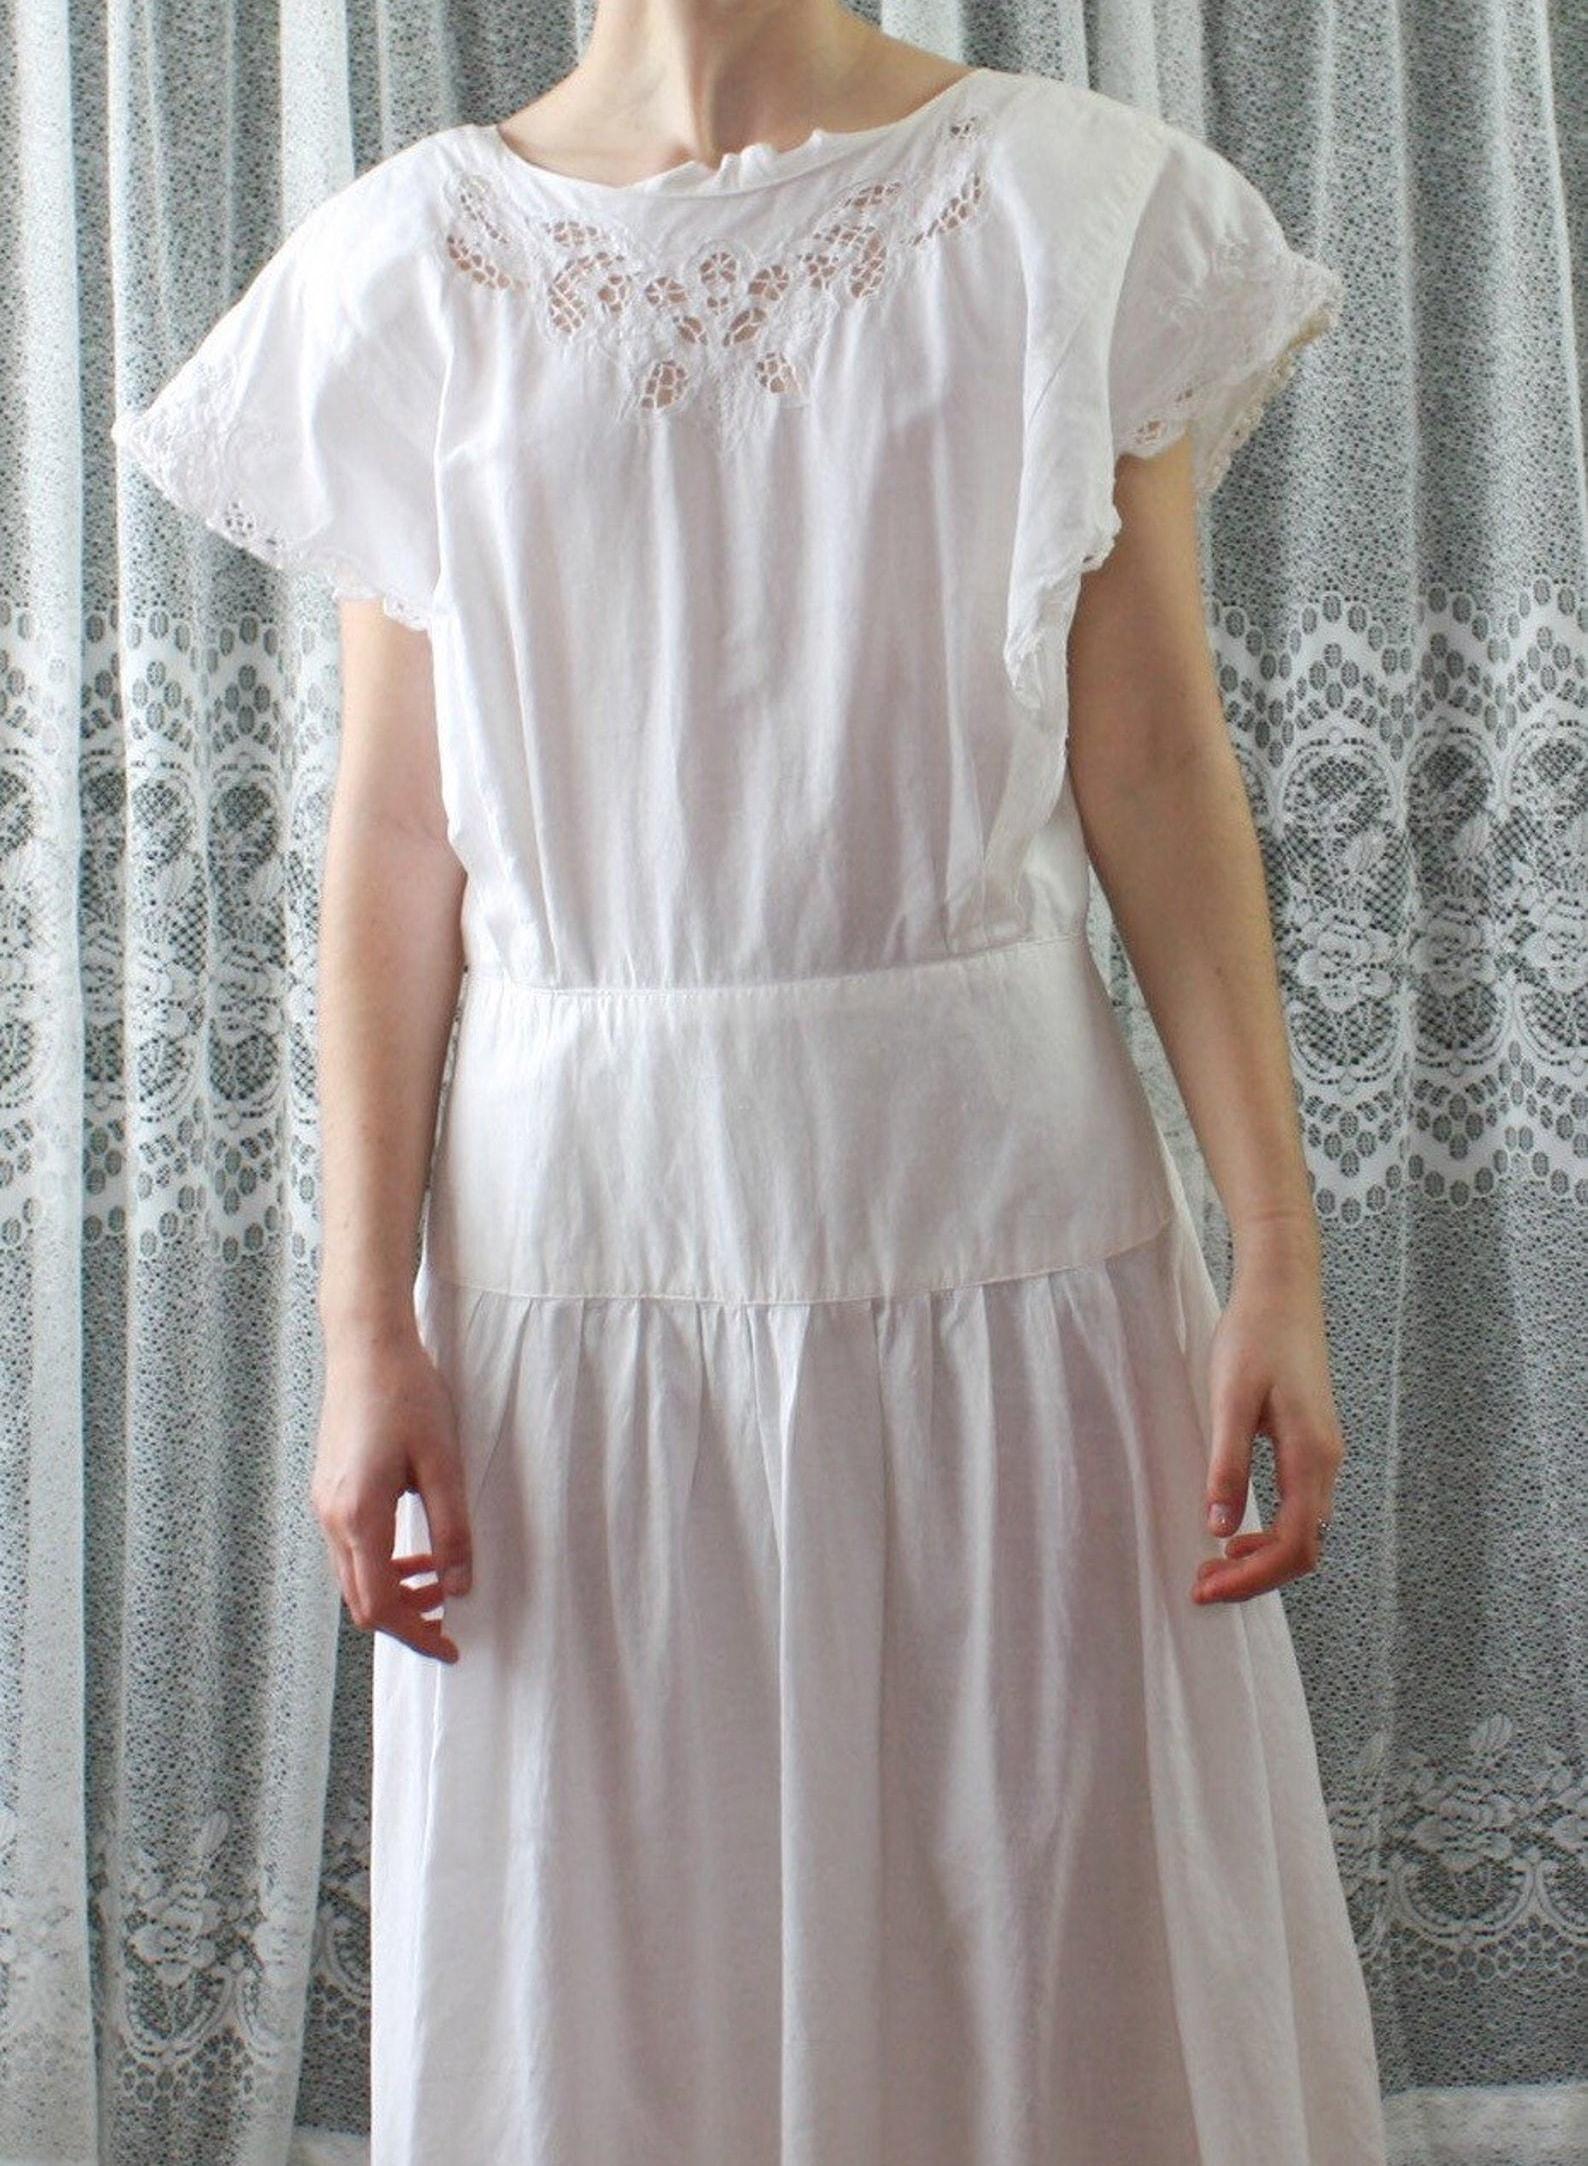 White 1980s Dress | Summer Dress | Vintage Dress | Cotton Dress | Vintage Cotton |